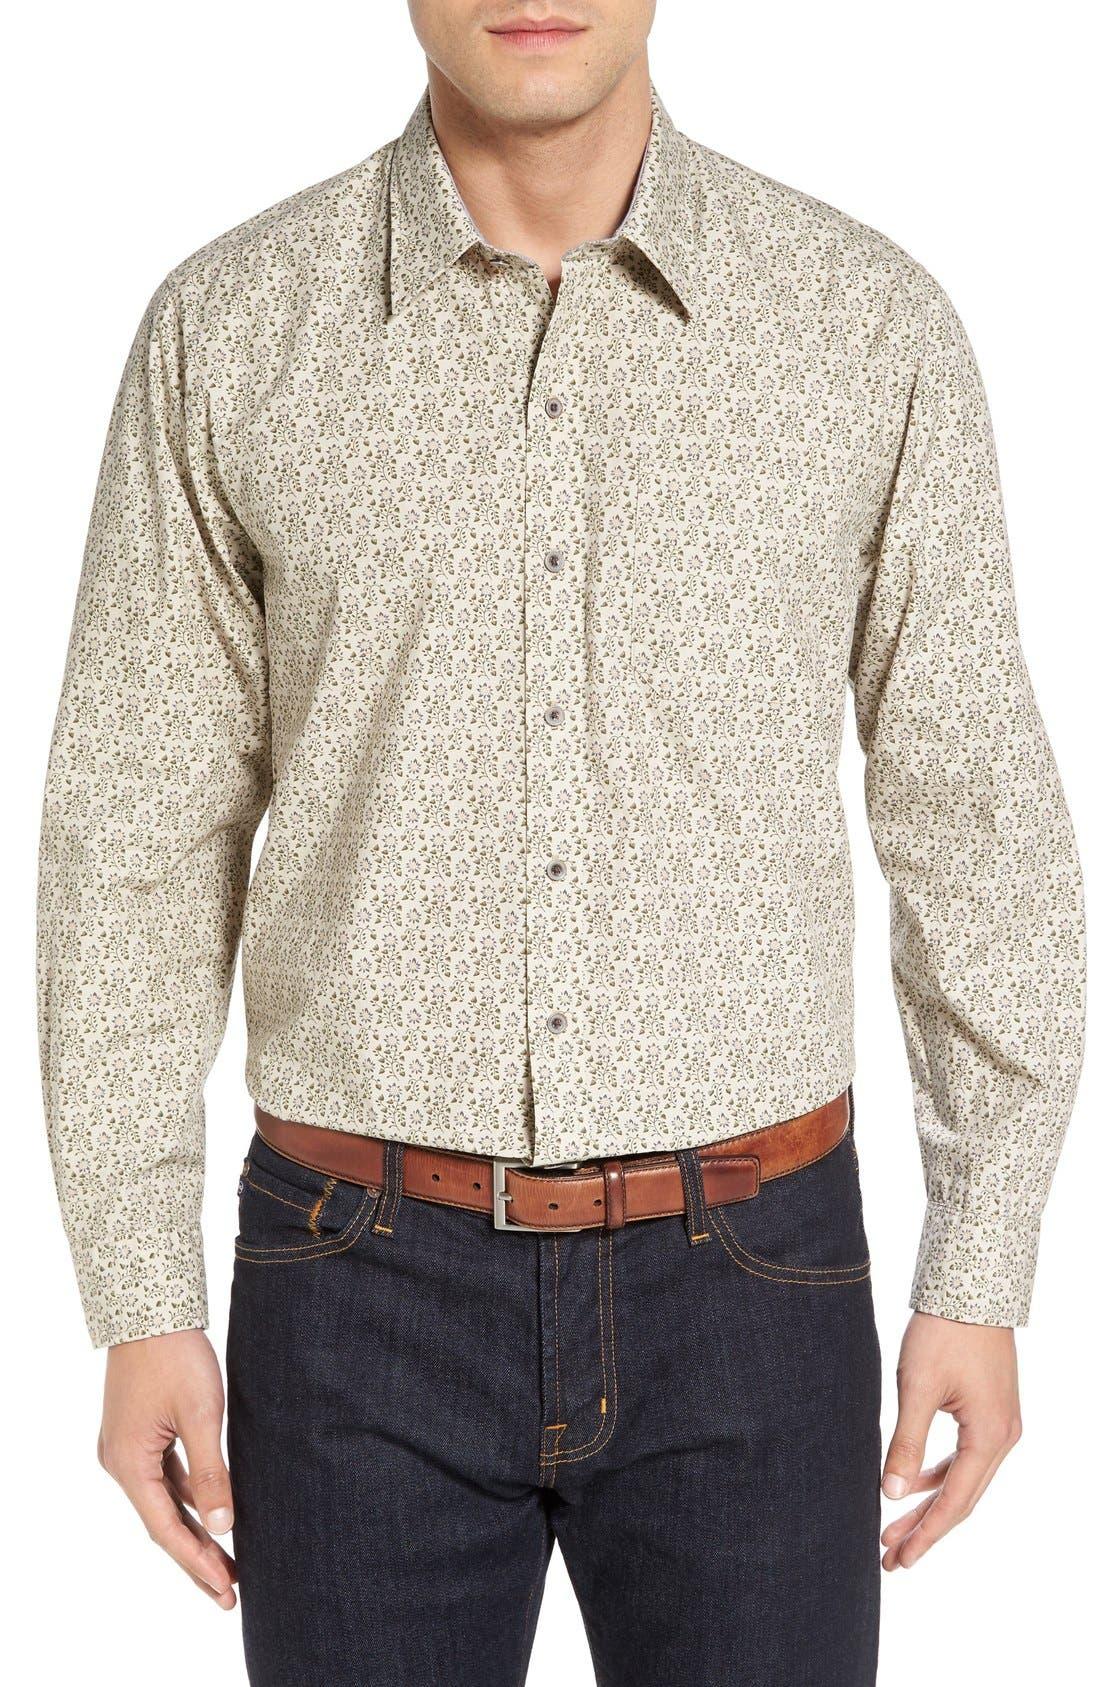 Main Image - Cutter & Buck 'Winston' Regular Fit Print Sport Shirt (Big & Tall)